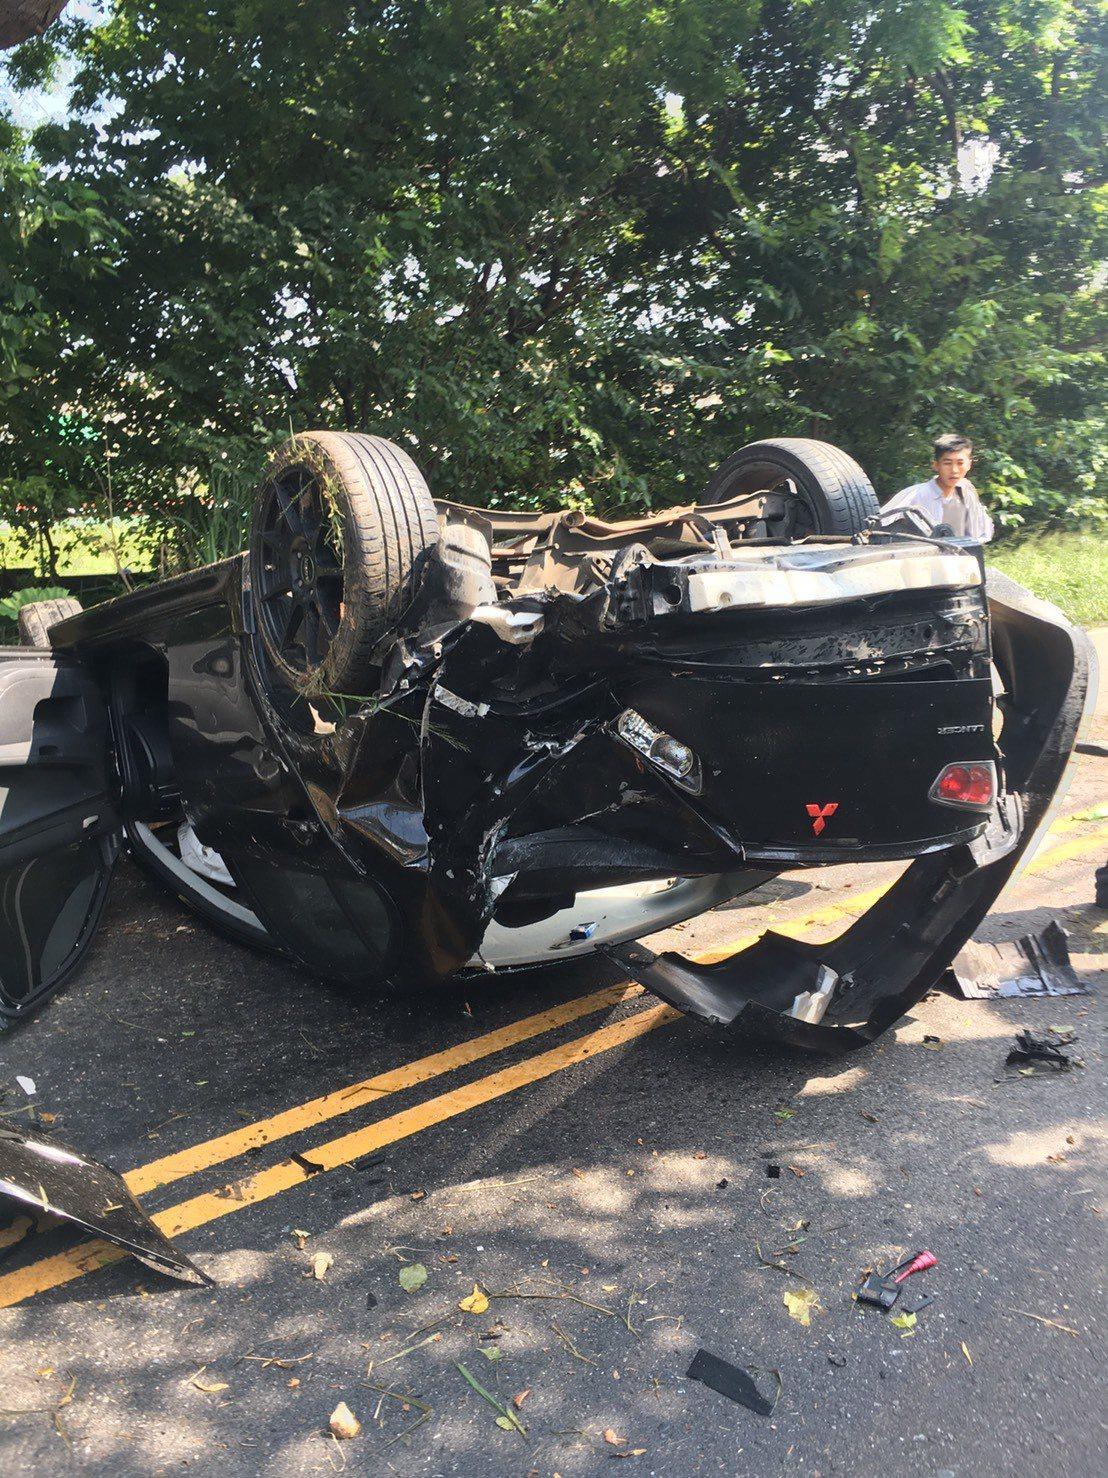 黃男過彎後失控撞上電線桿,翻覆好幾圈後才停下,整輛車幾乎全毀。圖/警方提供